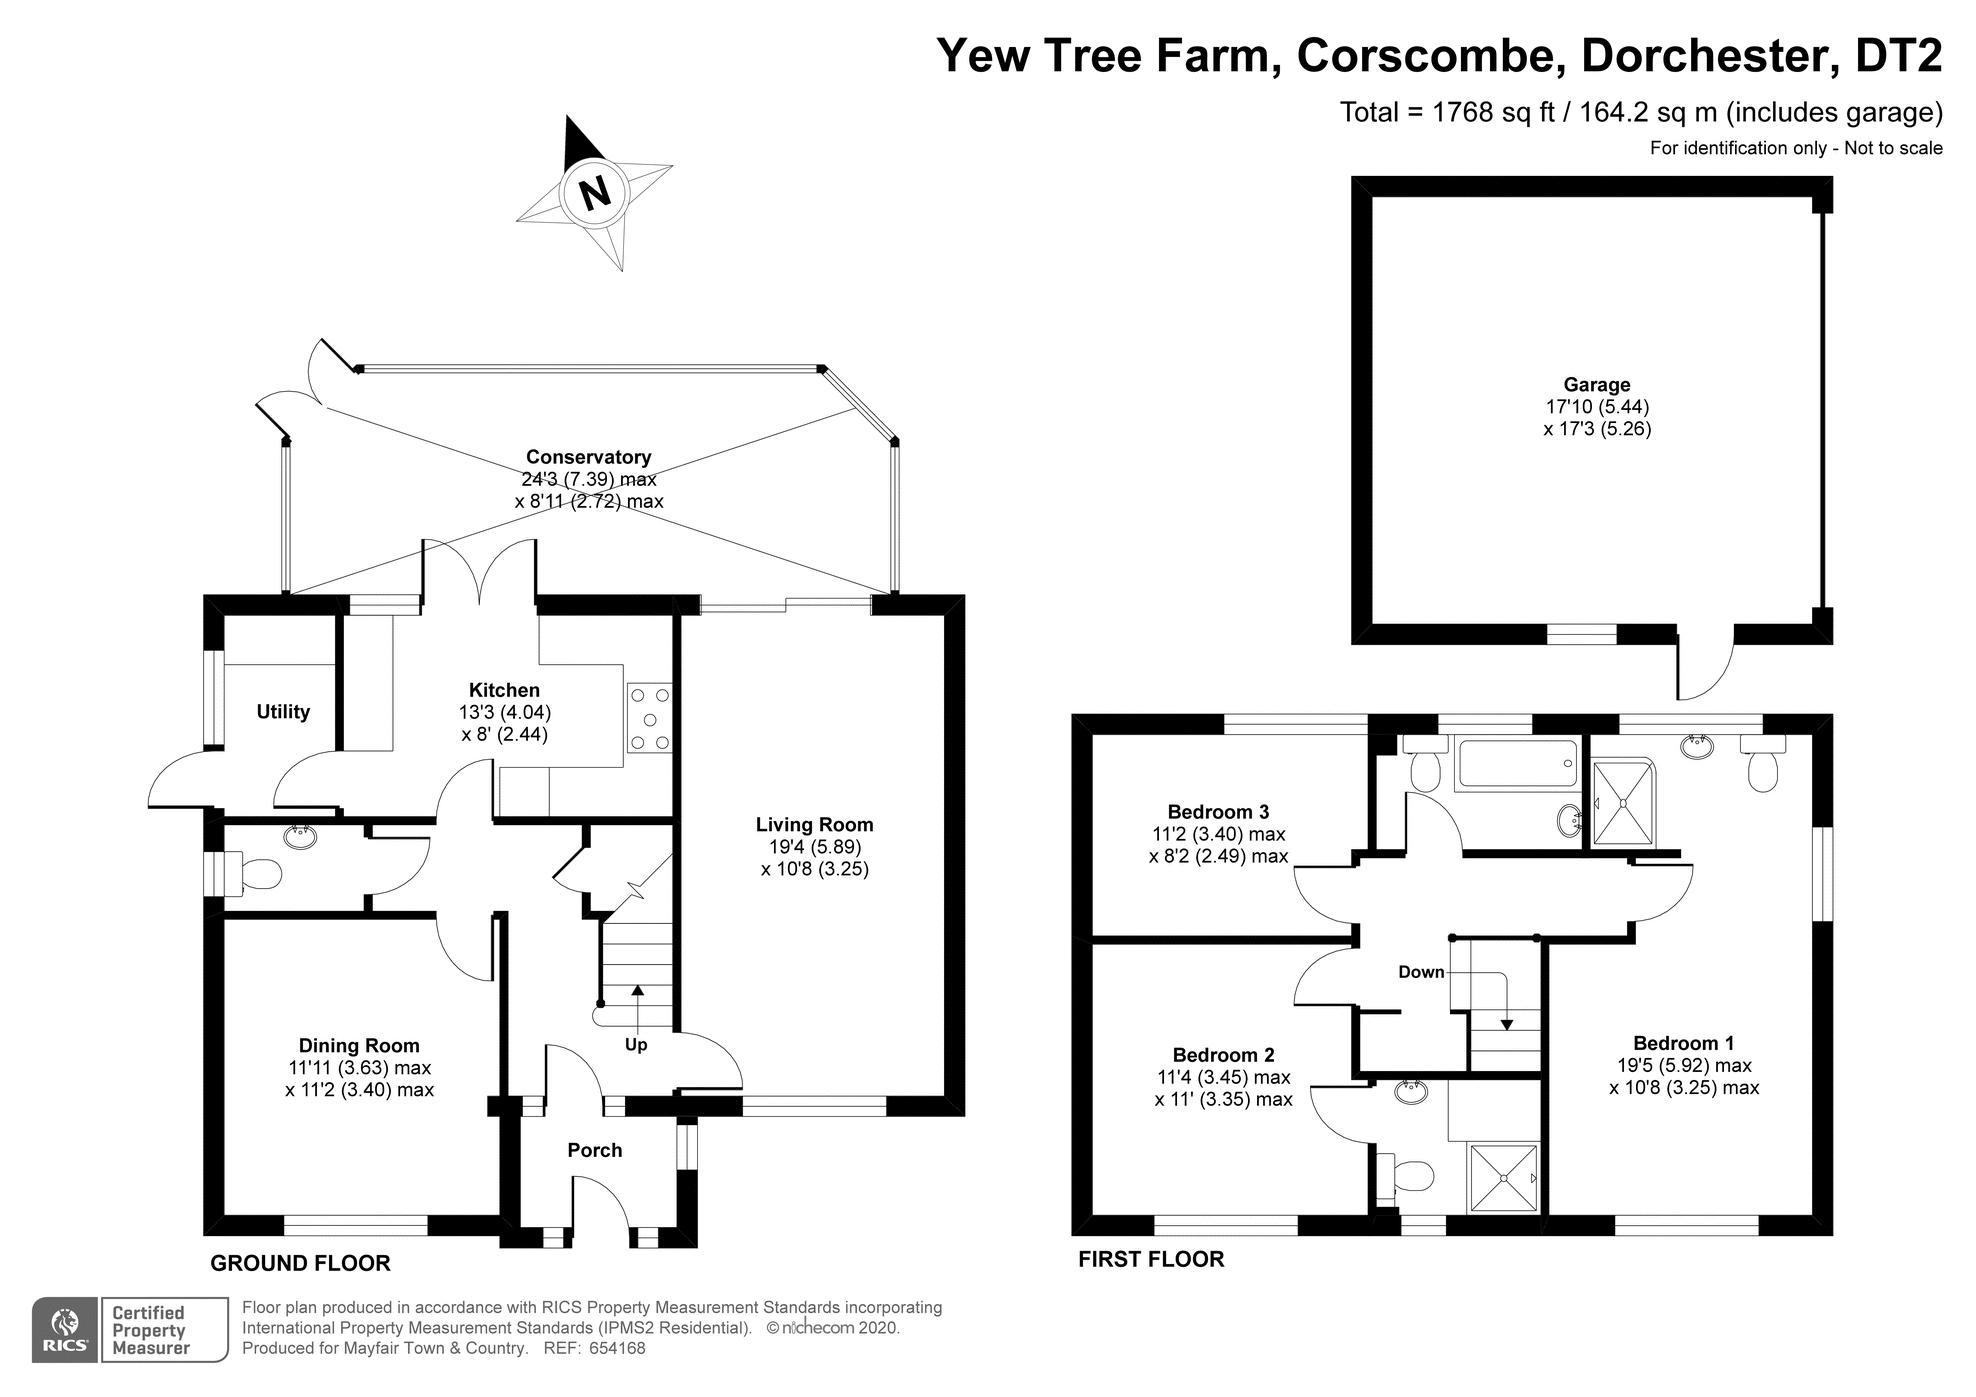 Yew Tree Farm Corscombe